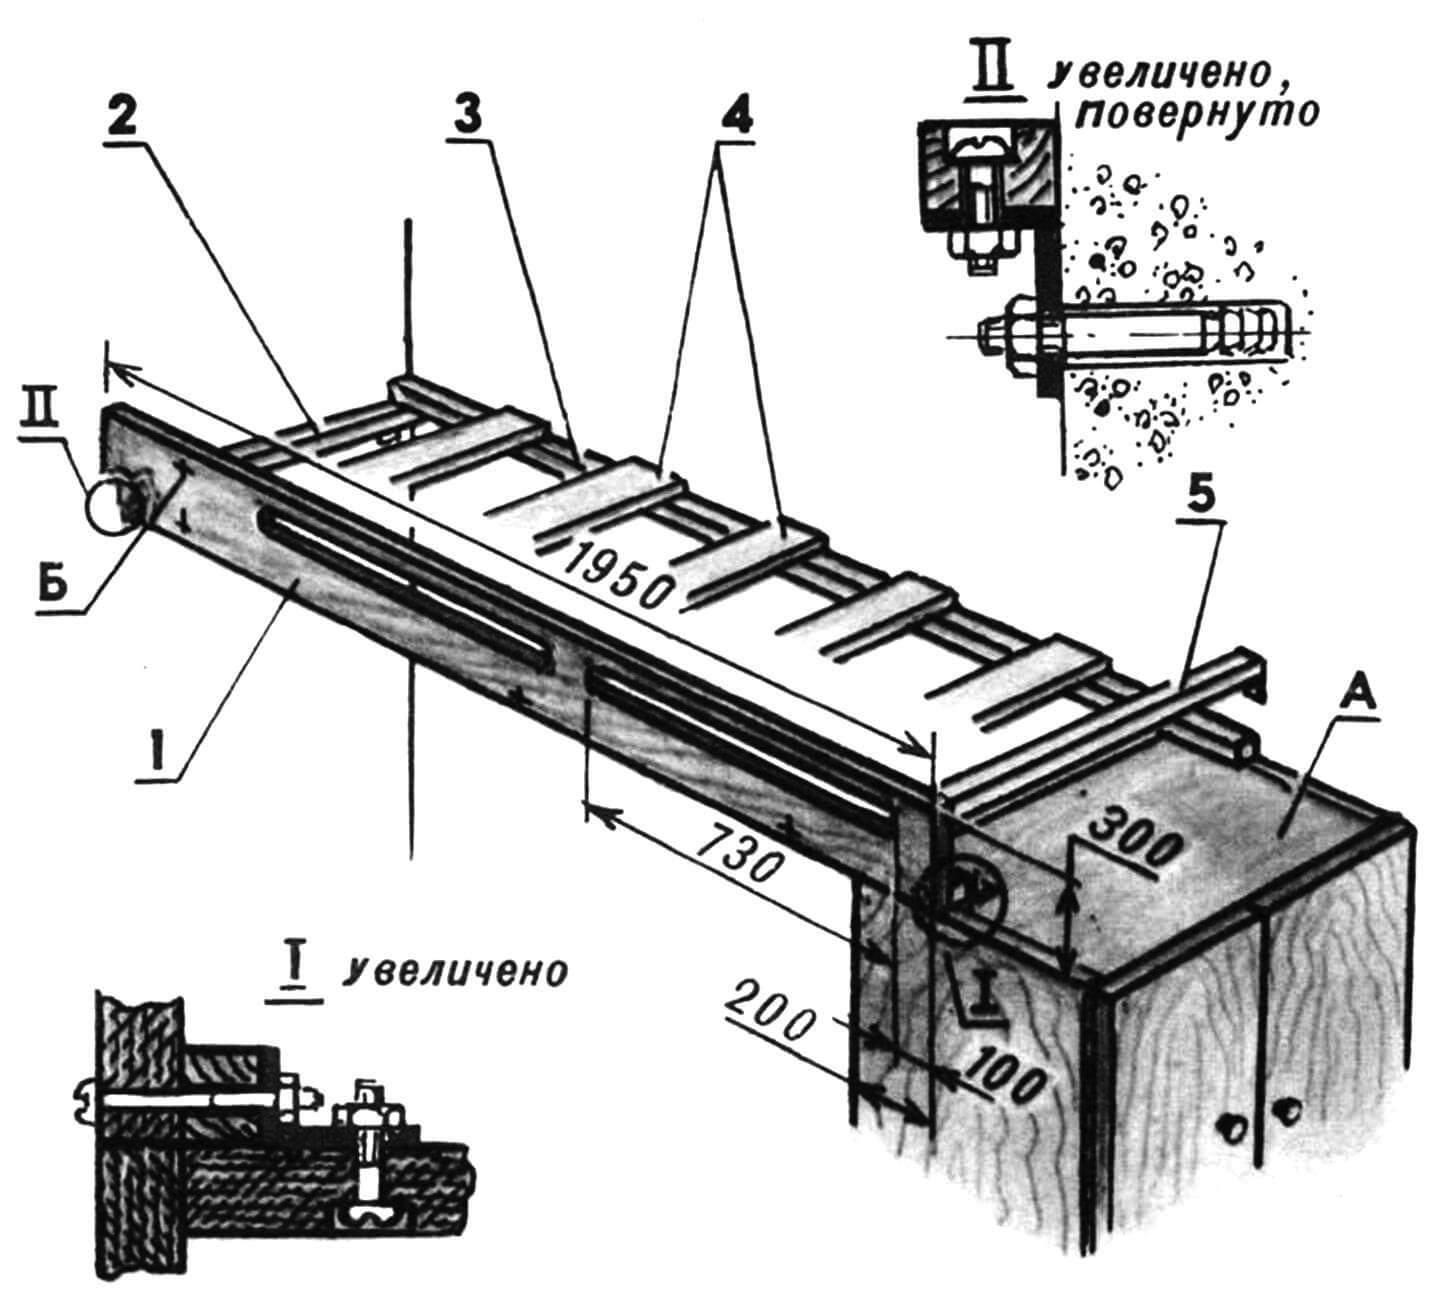 Верхняя кровать: 1 — ограждение; 2 — брус рамы опорный (881x50x30); 3 — брус рамы продольный (1950x50x30, 2 шт.); 4— обрешетка (рейки, 881x100x20); 5 — брус крепления боковины (881x30x30); А — гардероб; Б — место крепления ограждения к колонке.